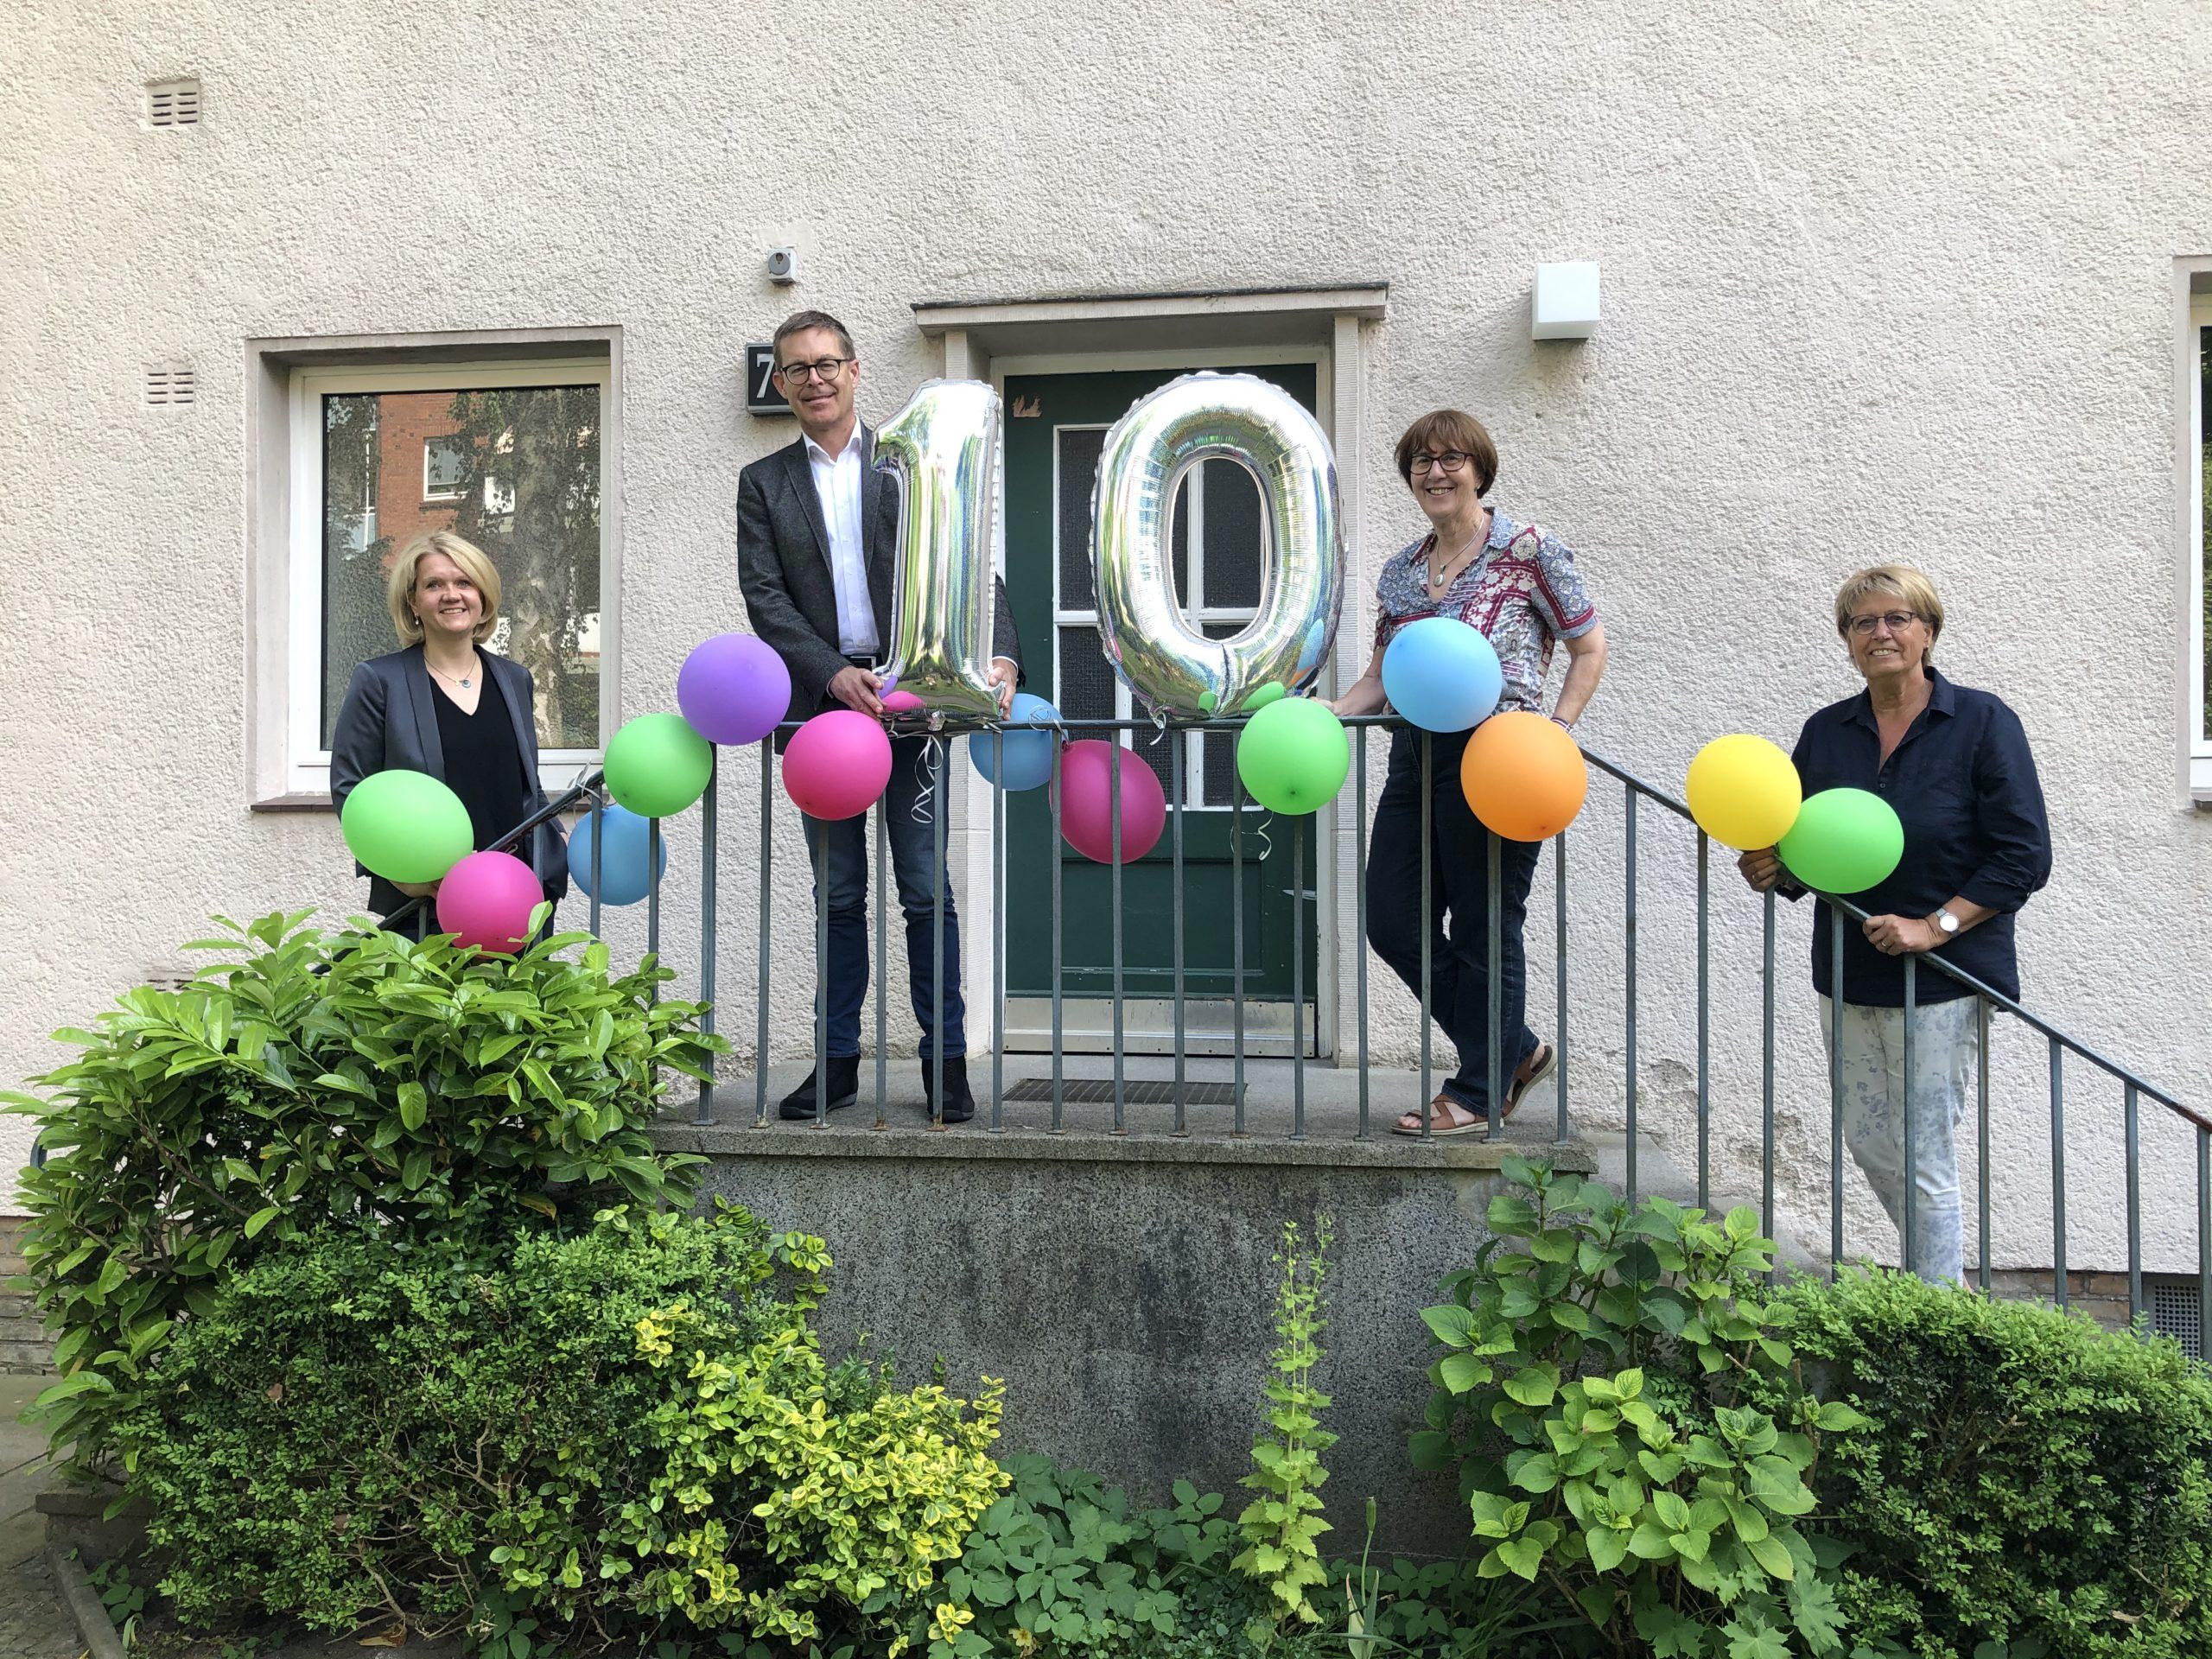 Gruppenfoto mit Luftballons